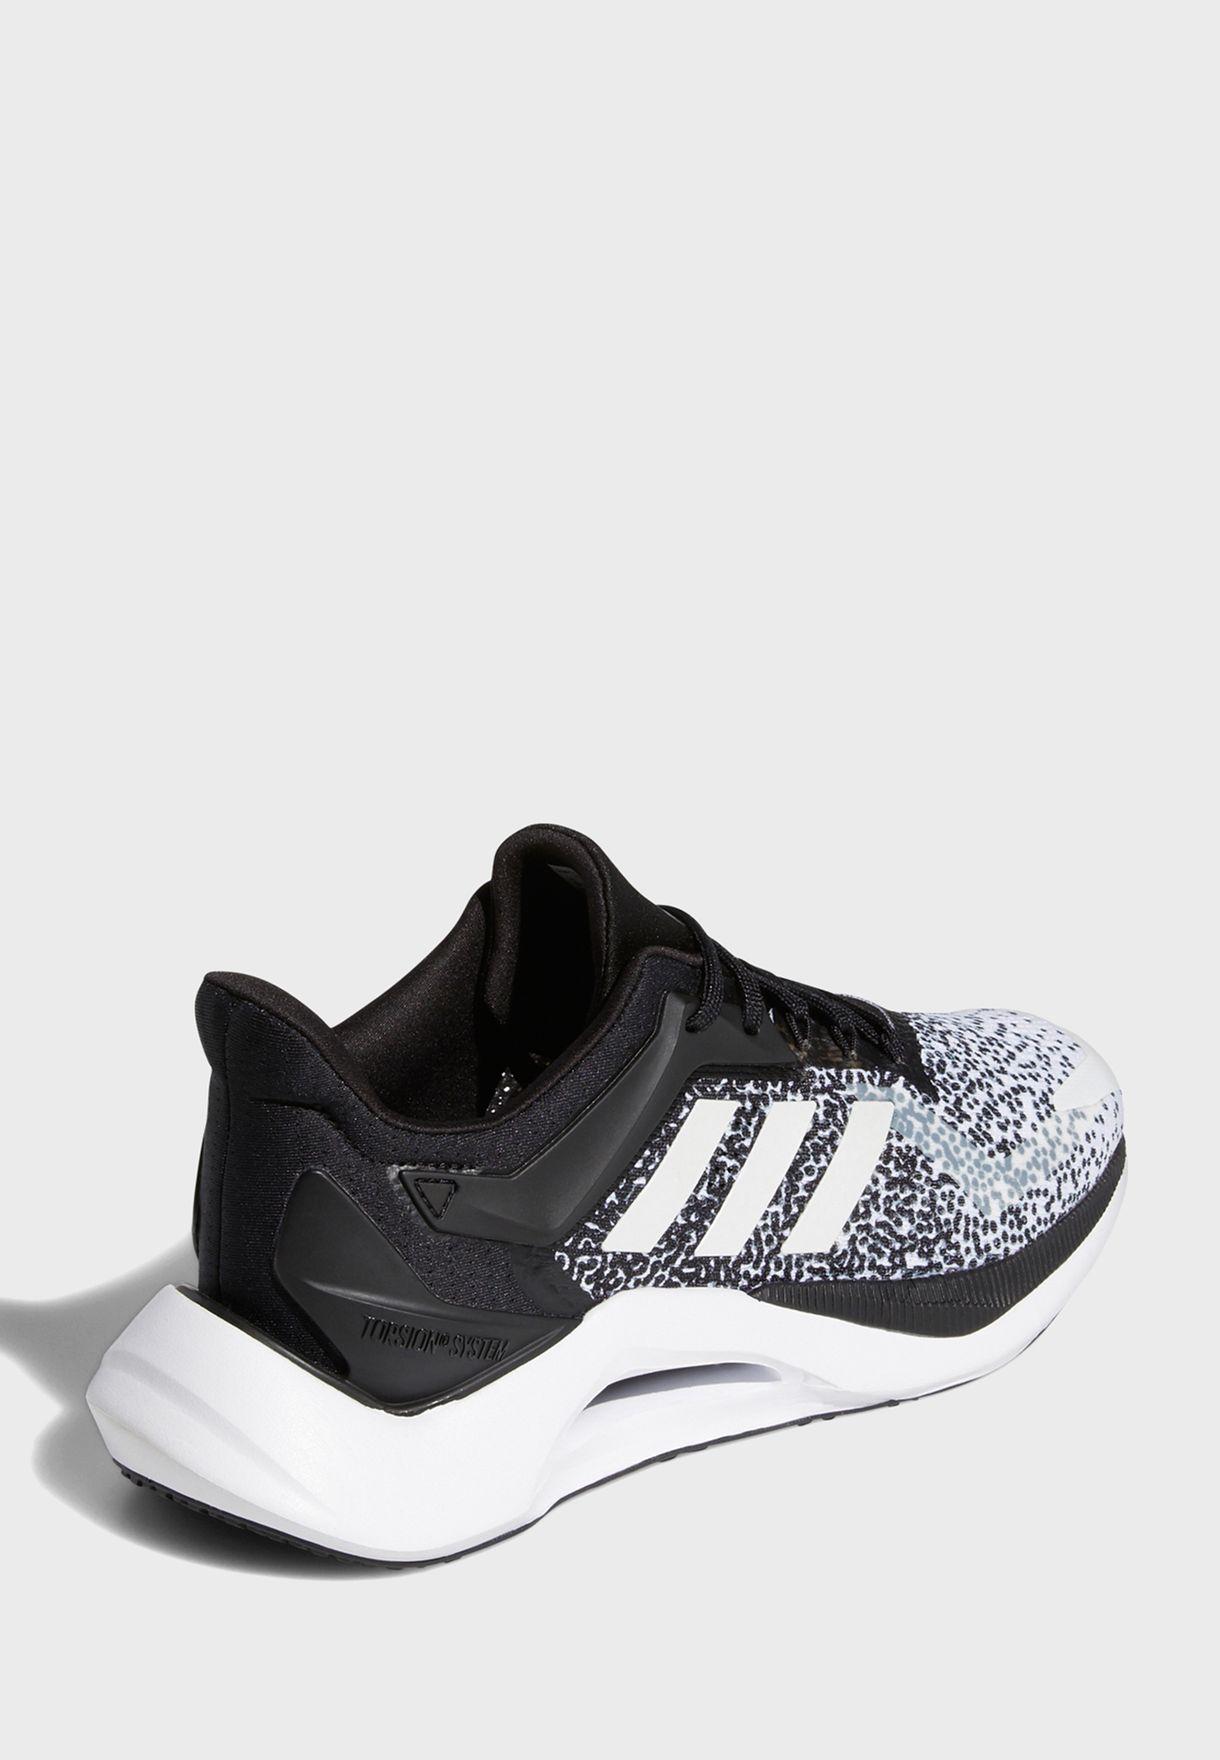 حذاء الفا تاريسون 2.0